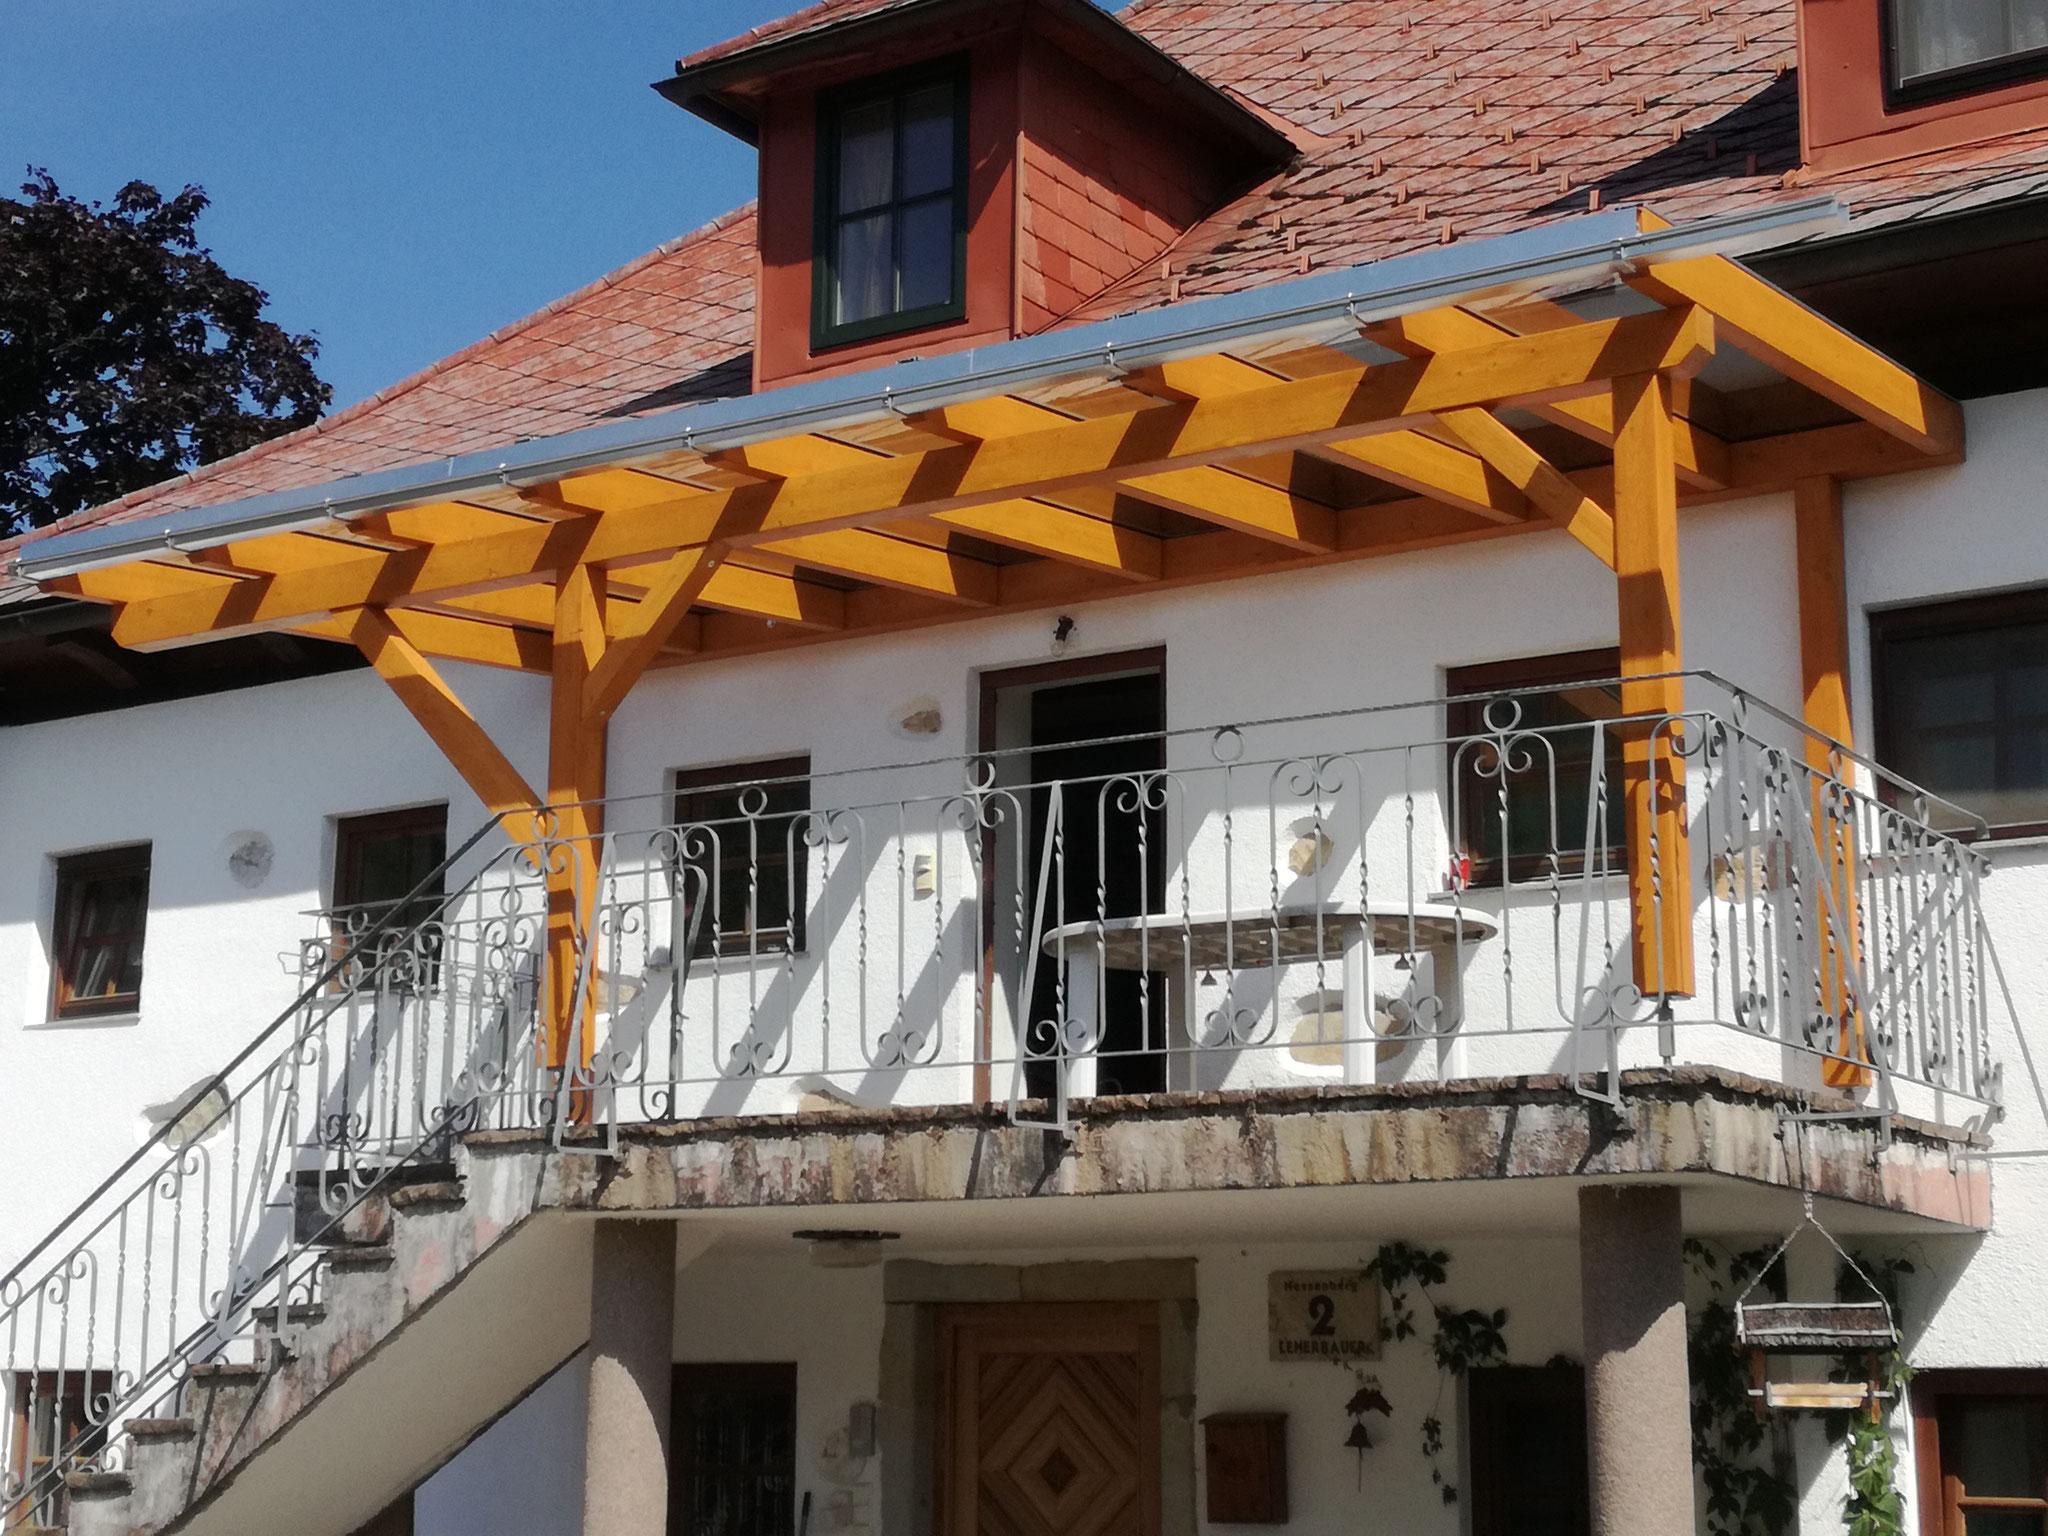 Balkonüberdachung mit Glaseindeckung